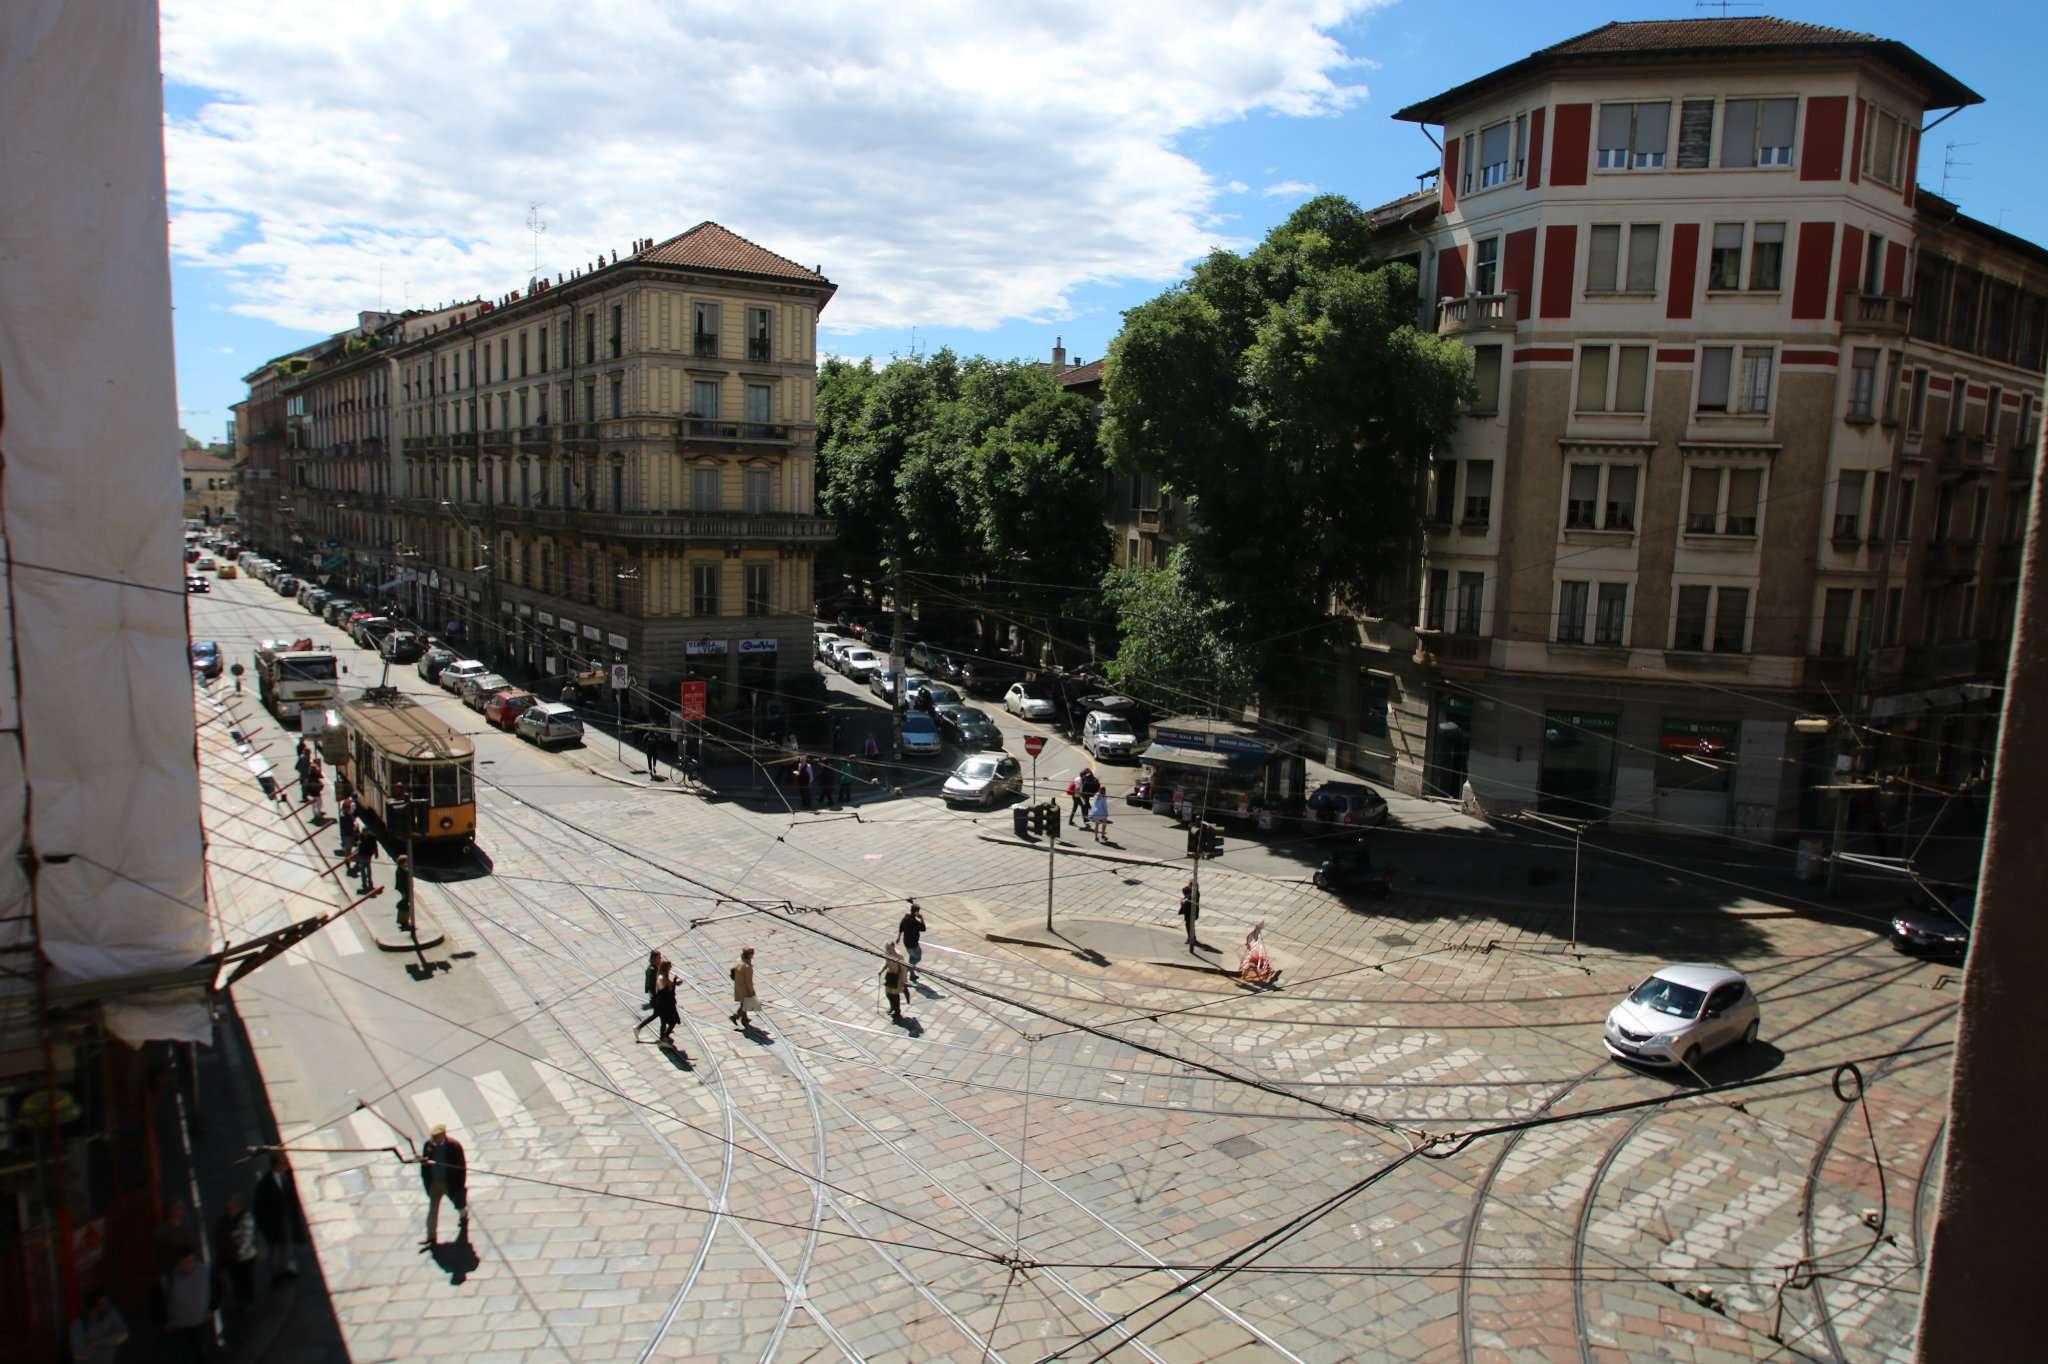 Milano Milano Affitto APPARTAMENTO , vendita alloggio torino vendite appartamenti